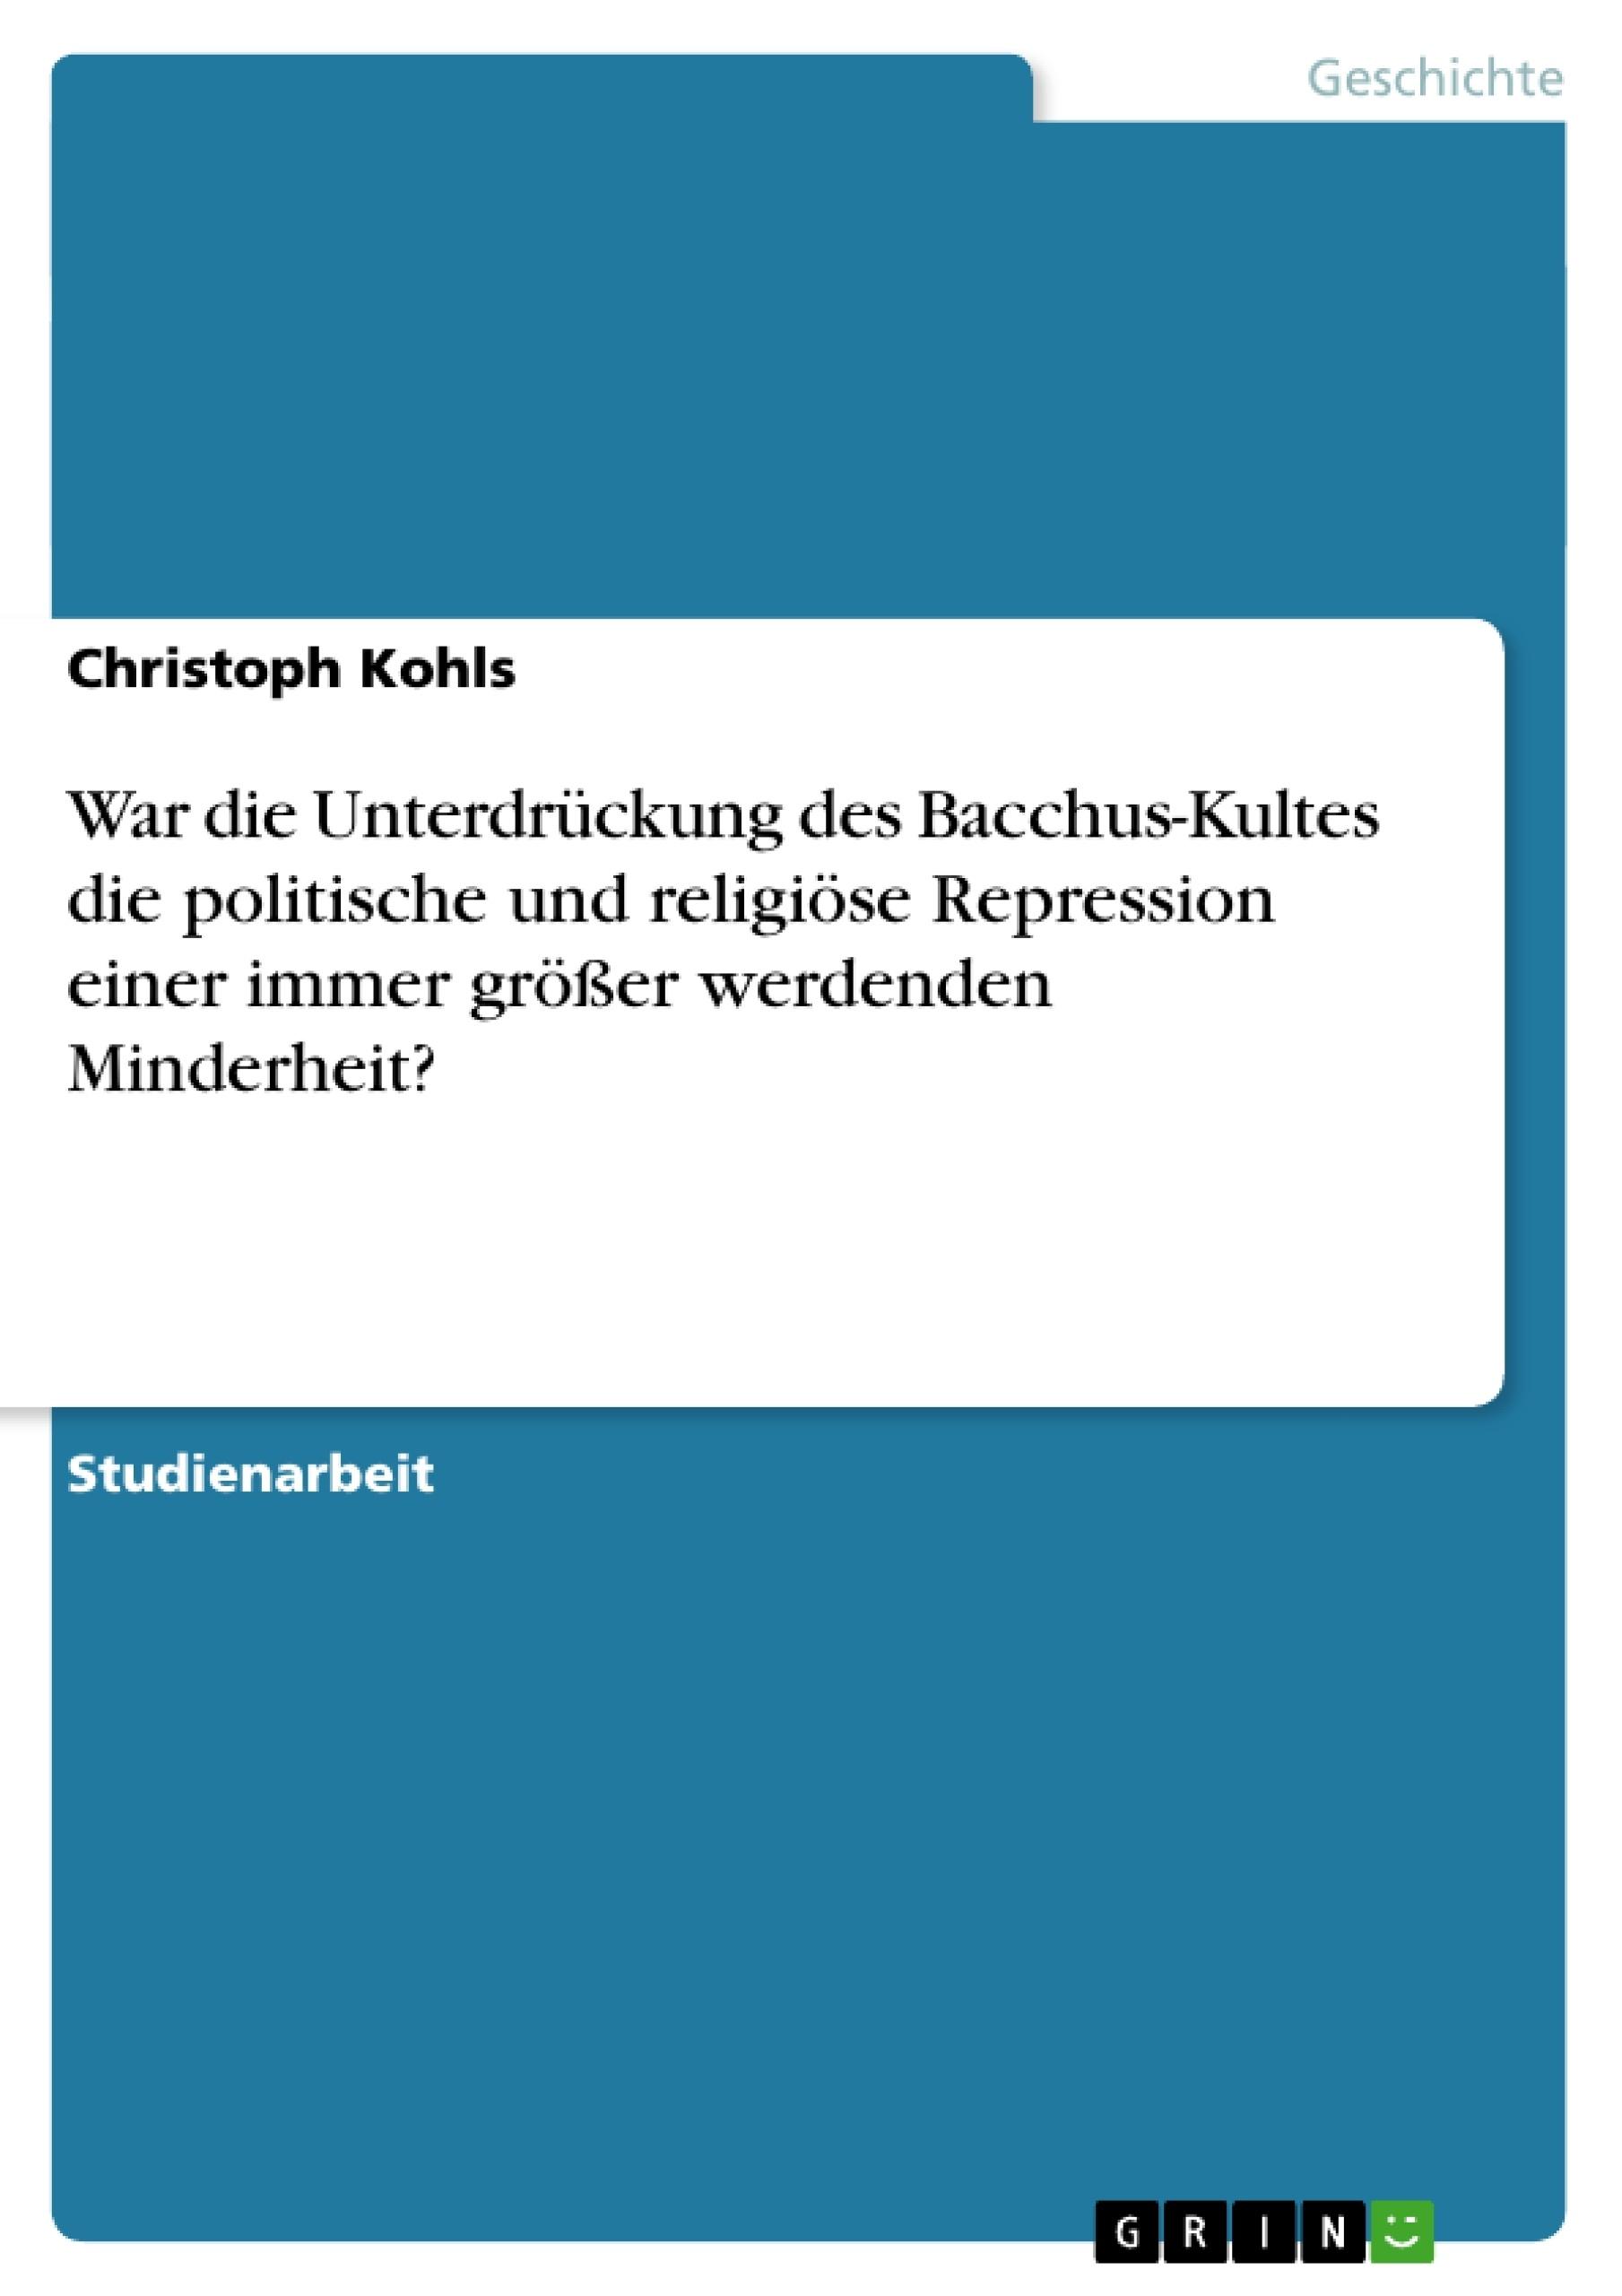 Titel: War die Unterdrückung des Bacchus-Kultes die politische und religiöse Repression einer immer größer werdenden Minderheit?